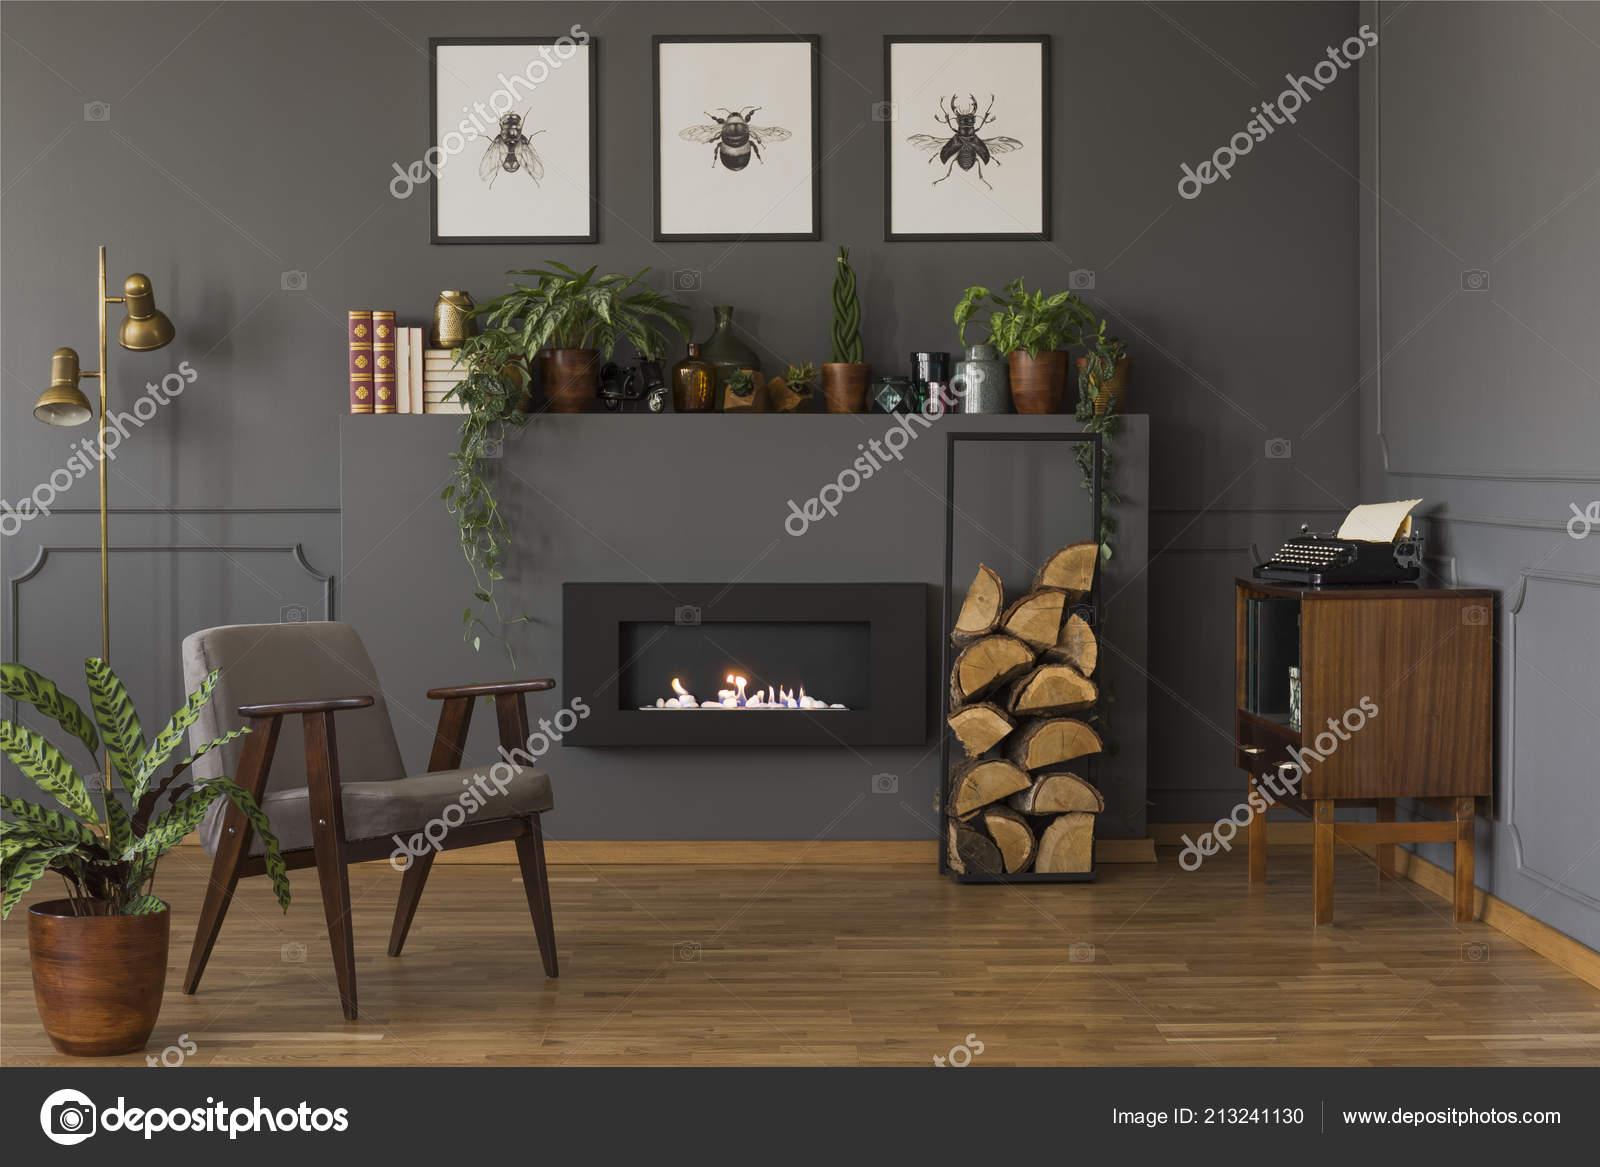 Echtes Foto Von Einer Grauen Sessel Stand Vor Einer Lampe